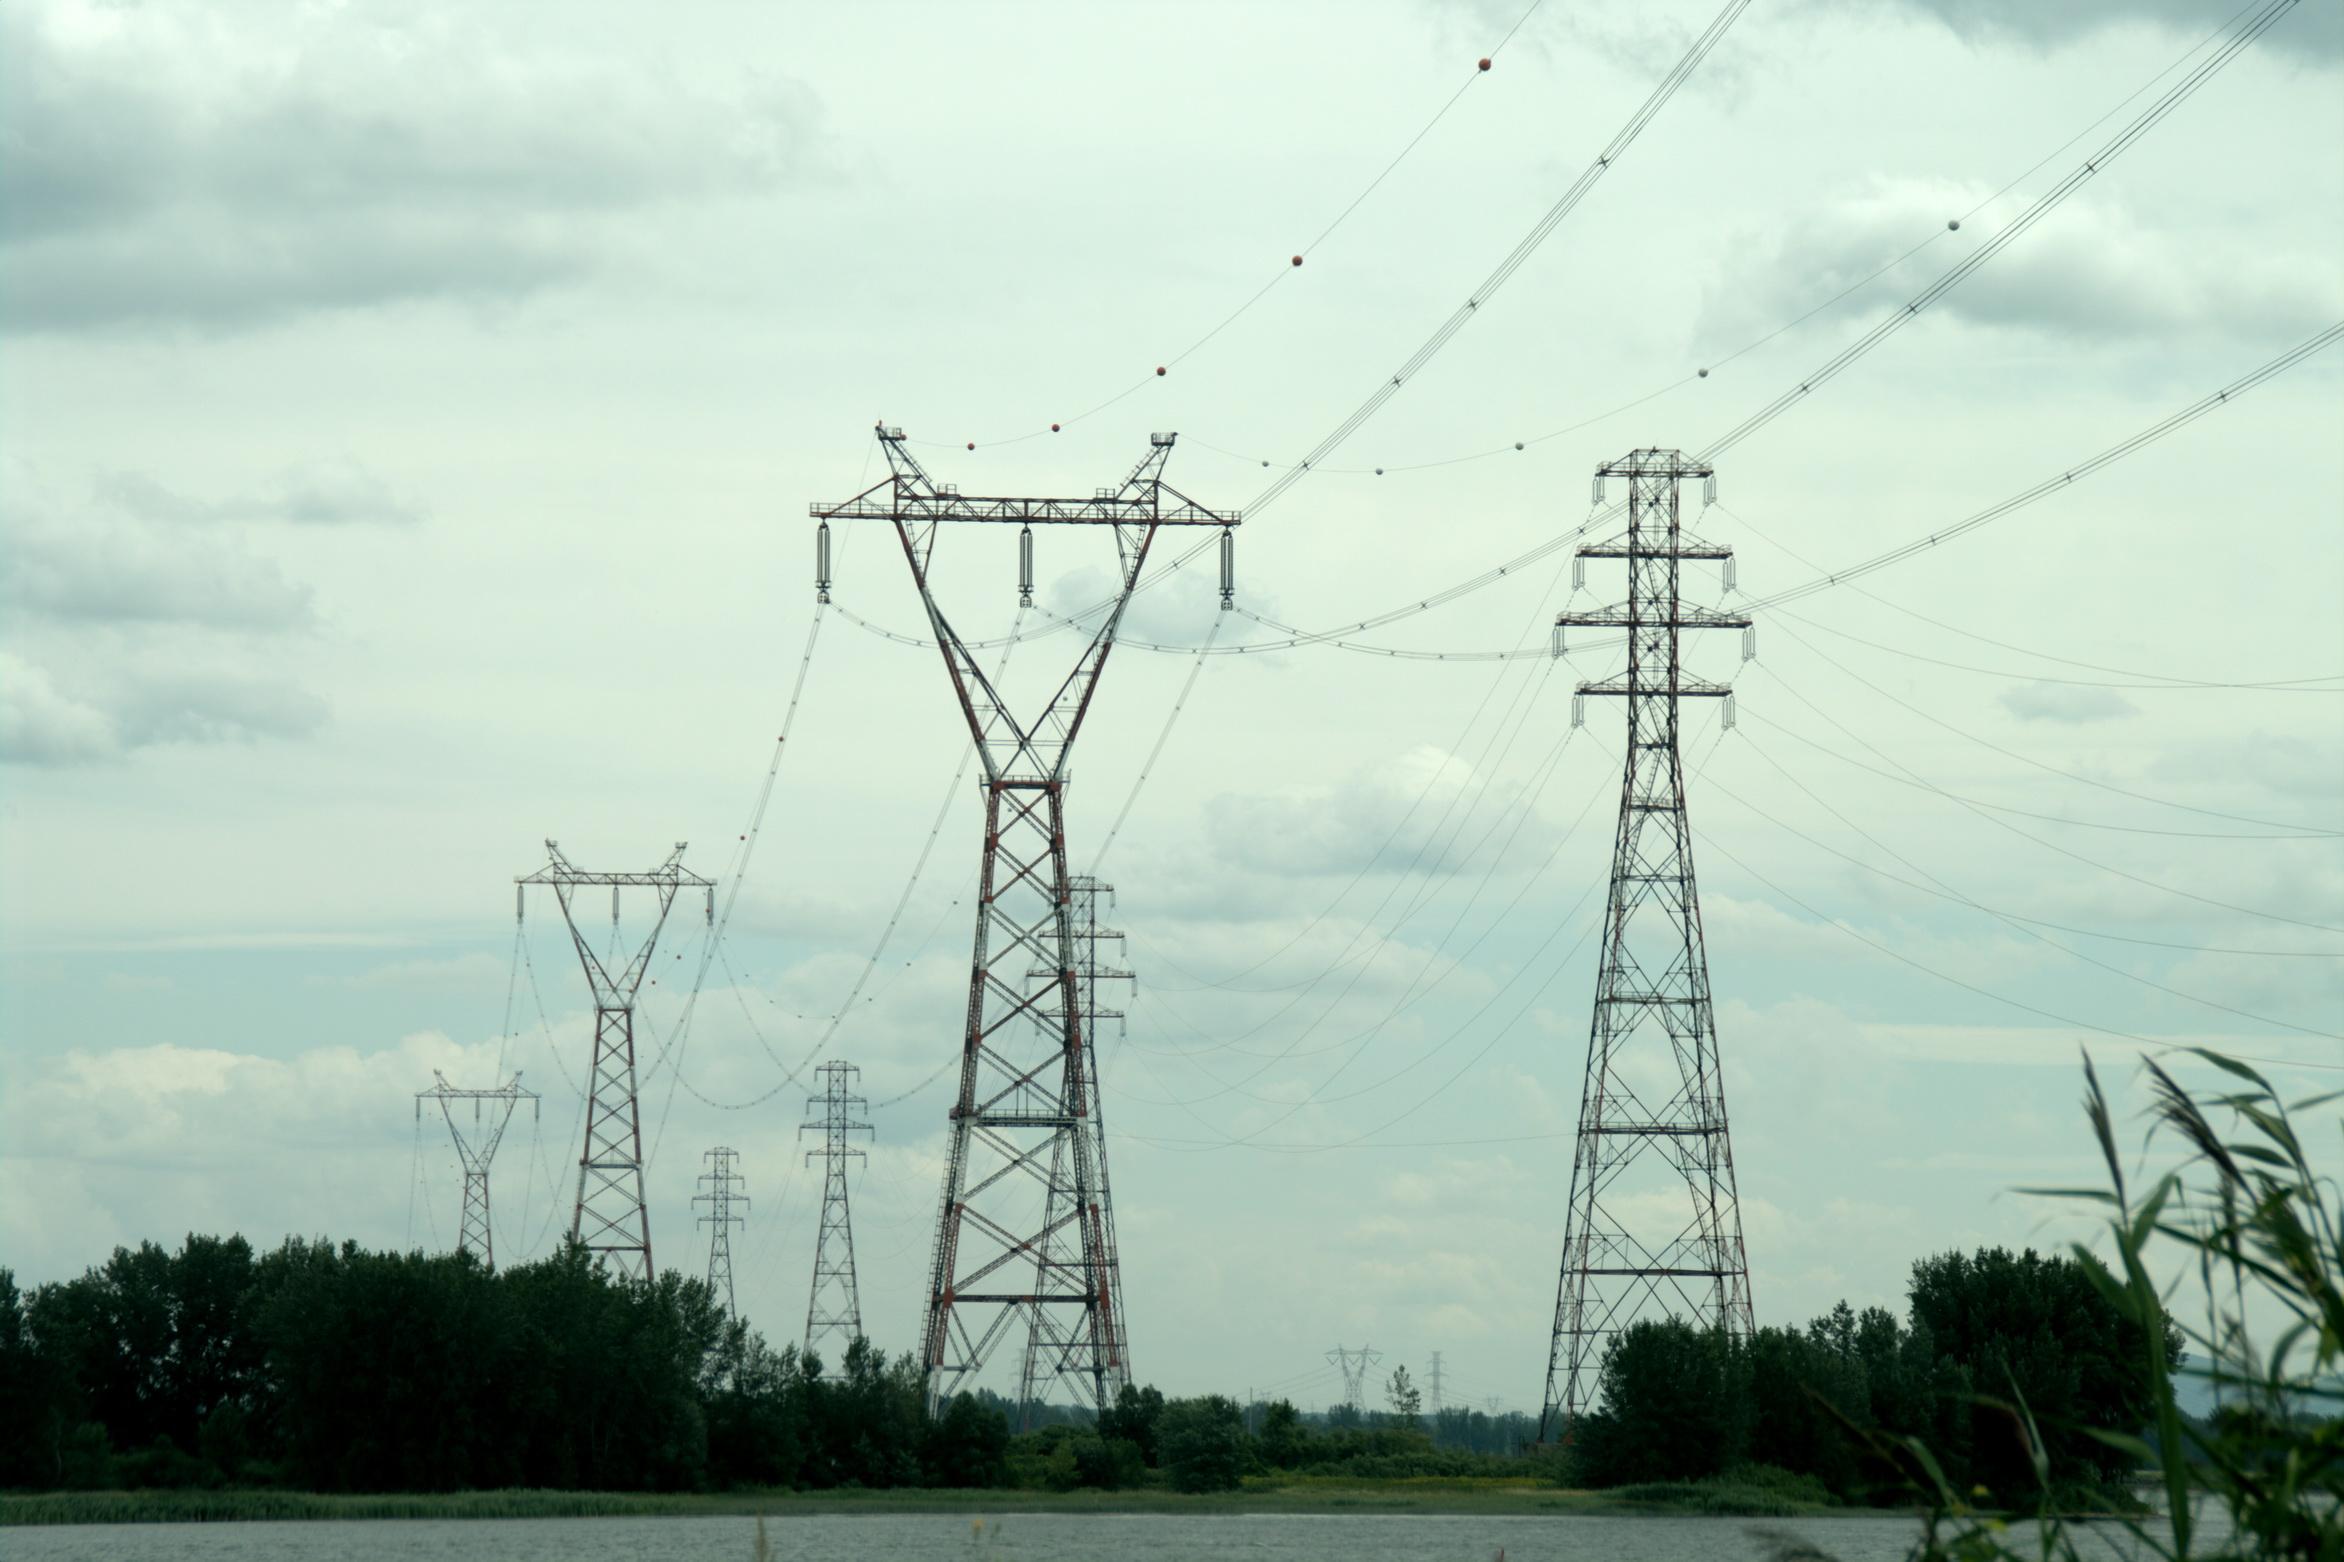 Et ces pylônes nappes qui traversent le fleuve avec leurs poids lourds